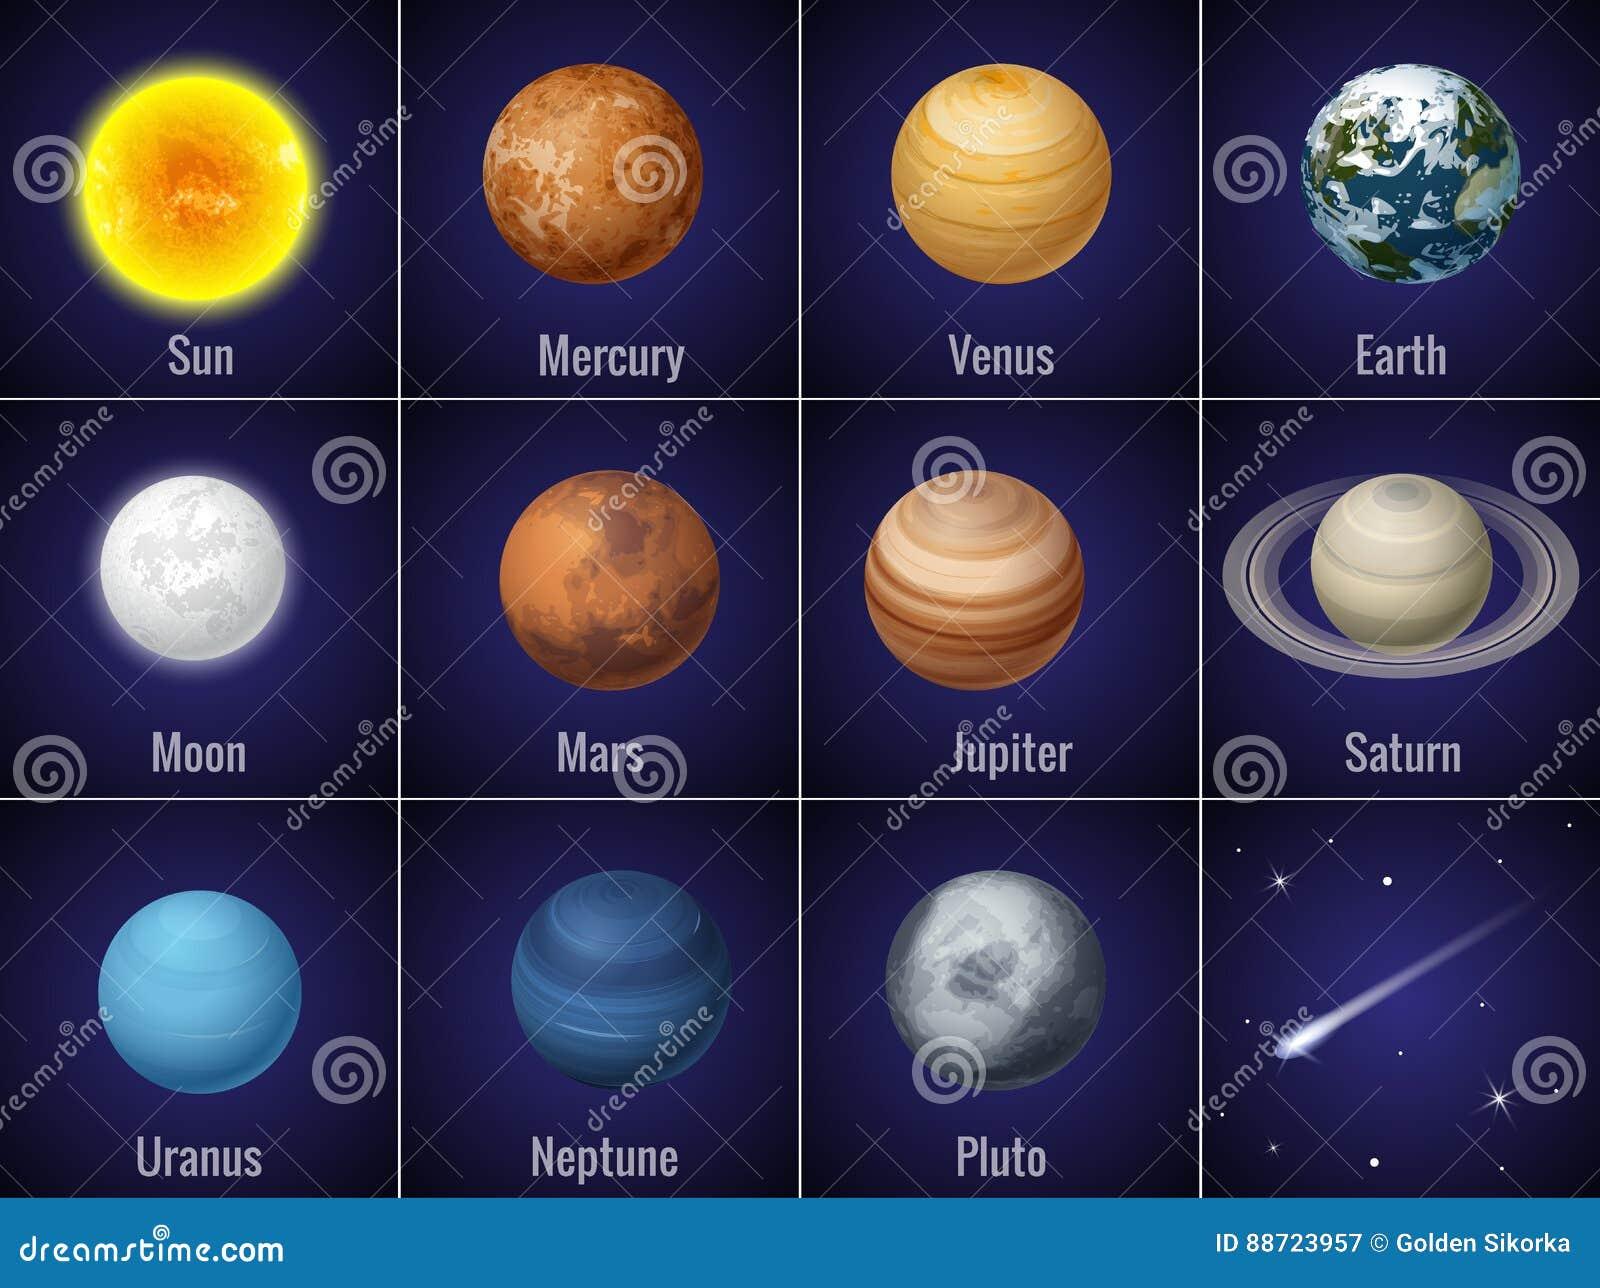 Diagrama De Los Planetas La Sistema Solar Ilustracin System Planets Diagram Stock Vector Image 49592184 En El Fondo Negro Ejemplo